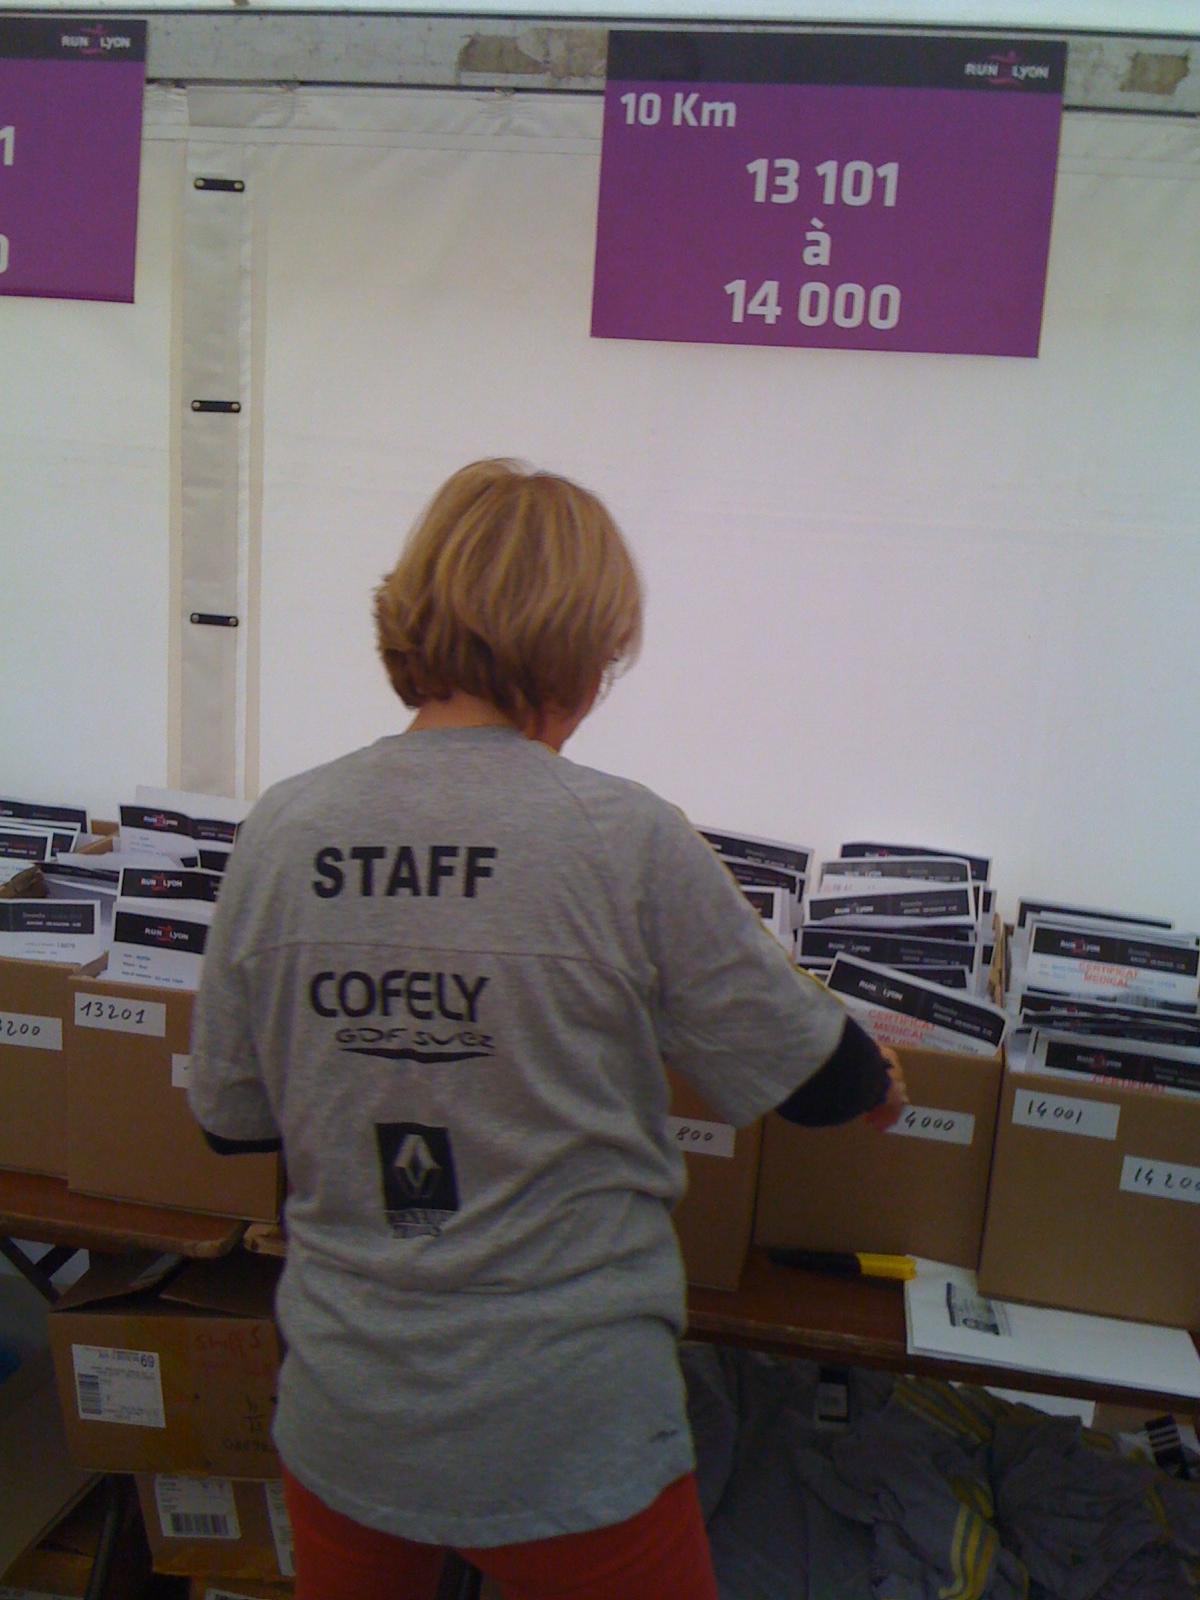 étape 7 - le staff cherche notre dossard... le notre, rien qu'à nous